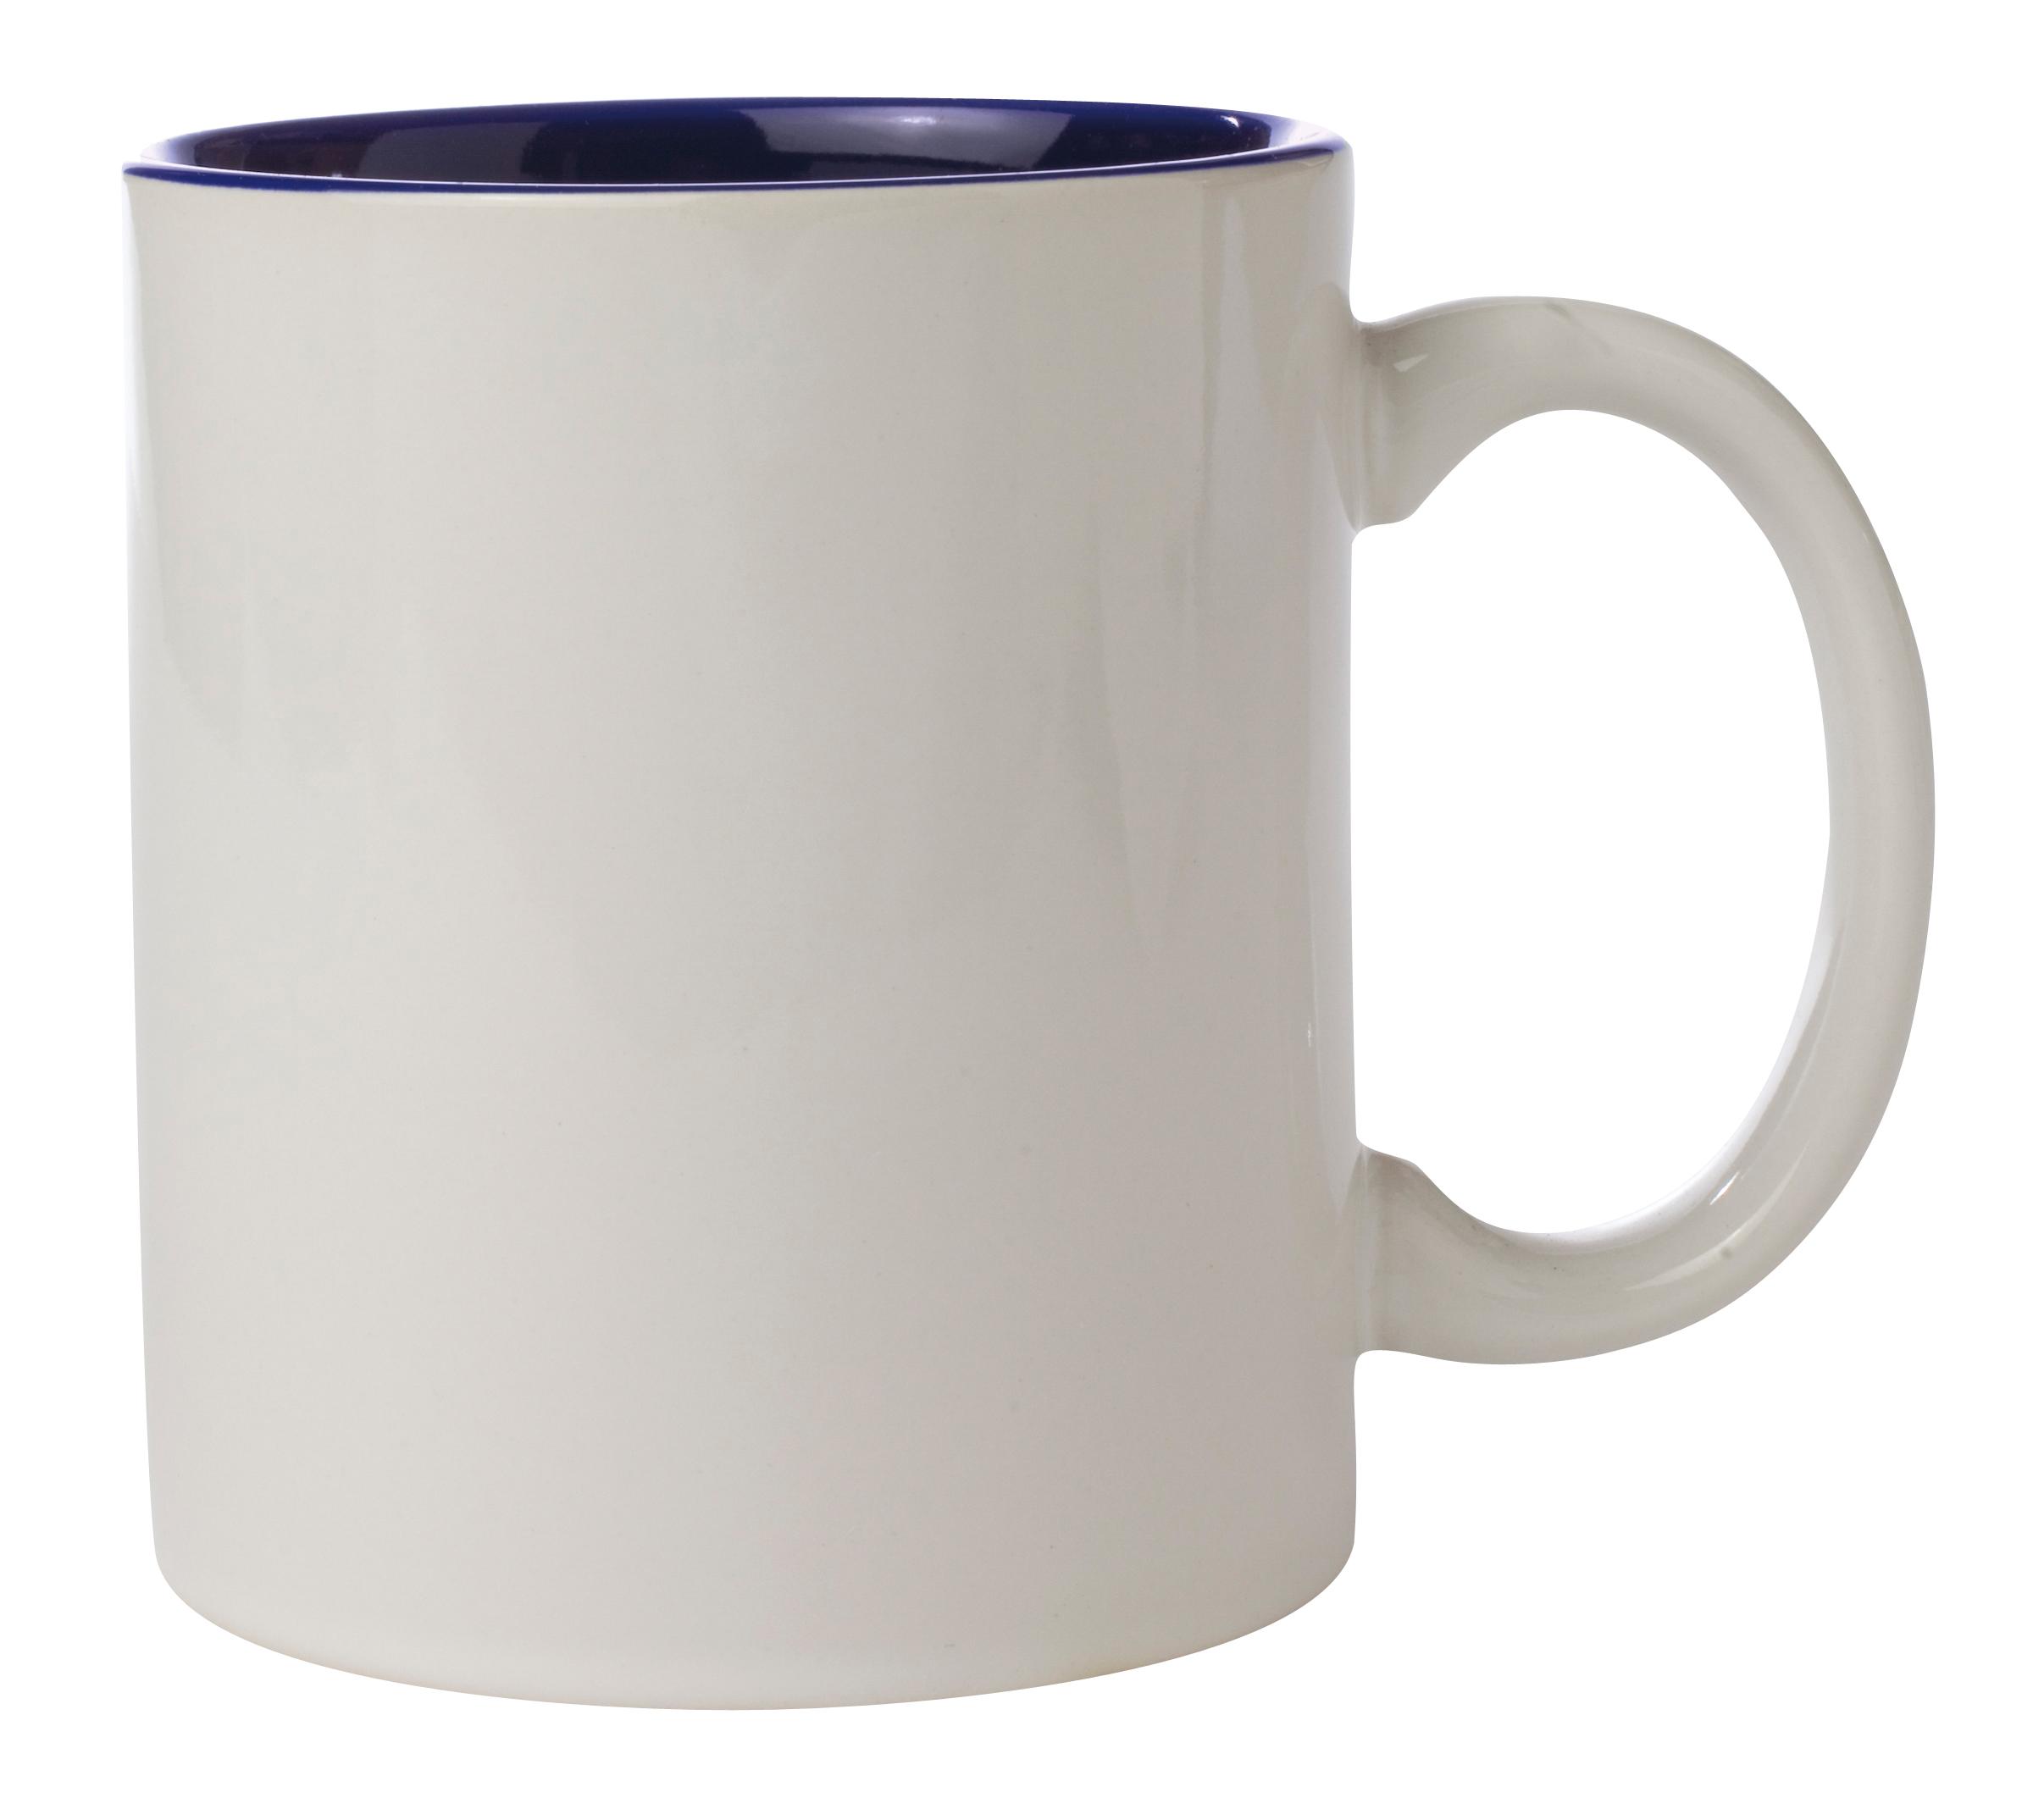 White Coffee Mug Png C Handle Mugs Coffe #35548.